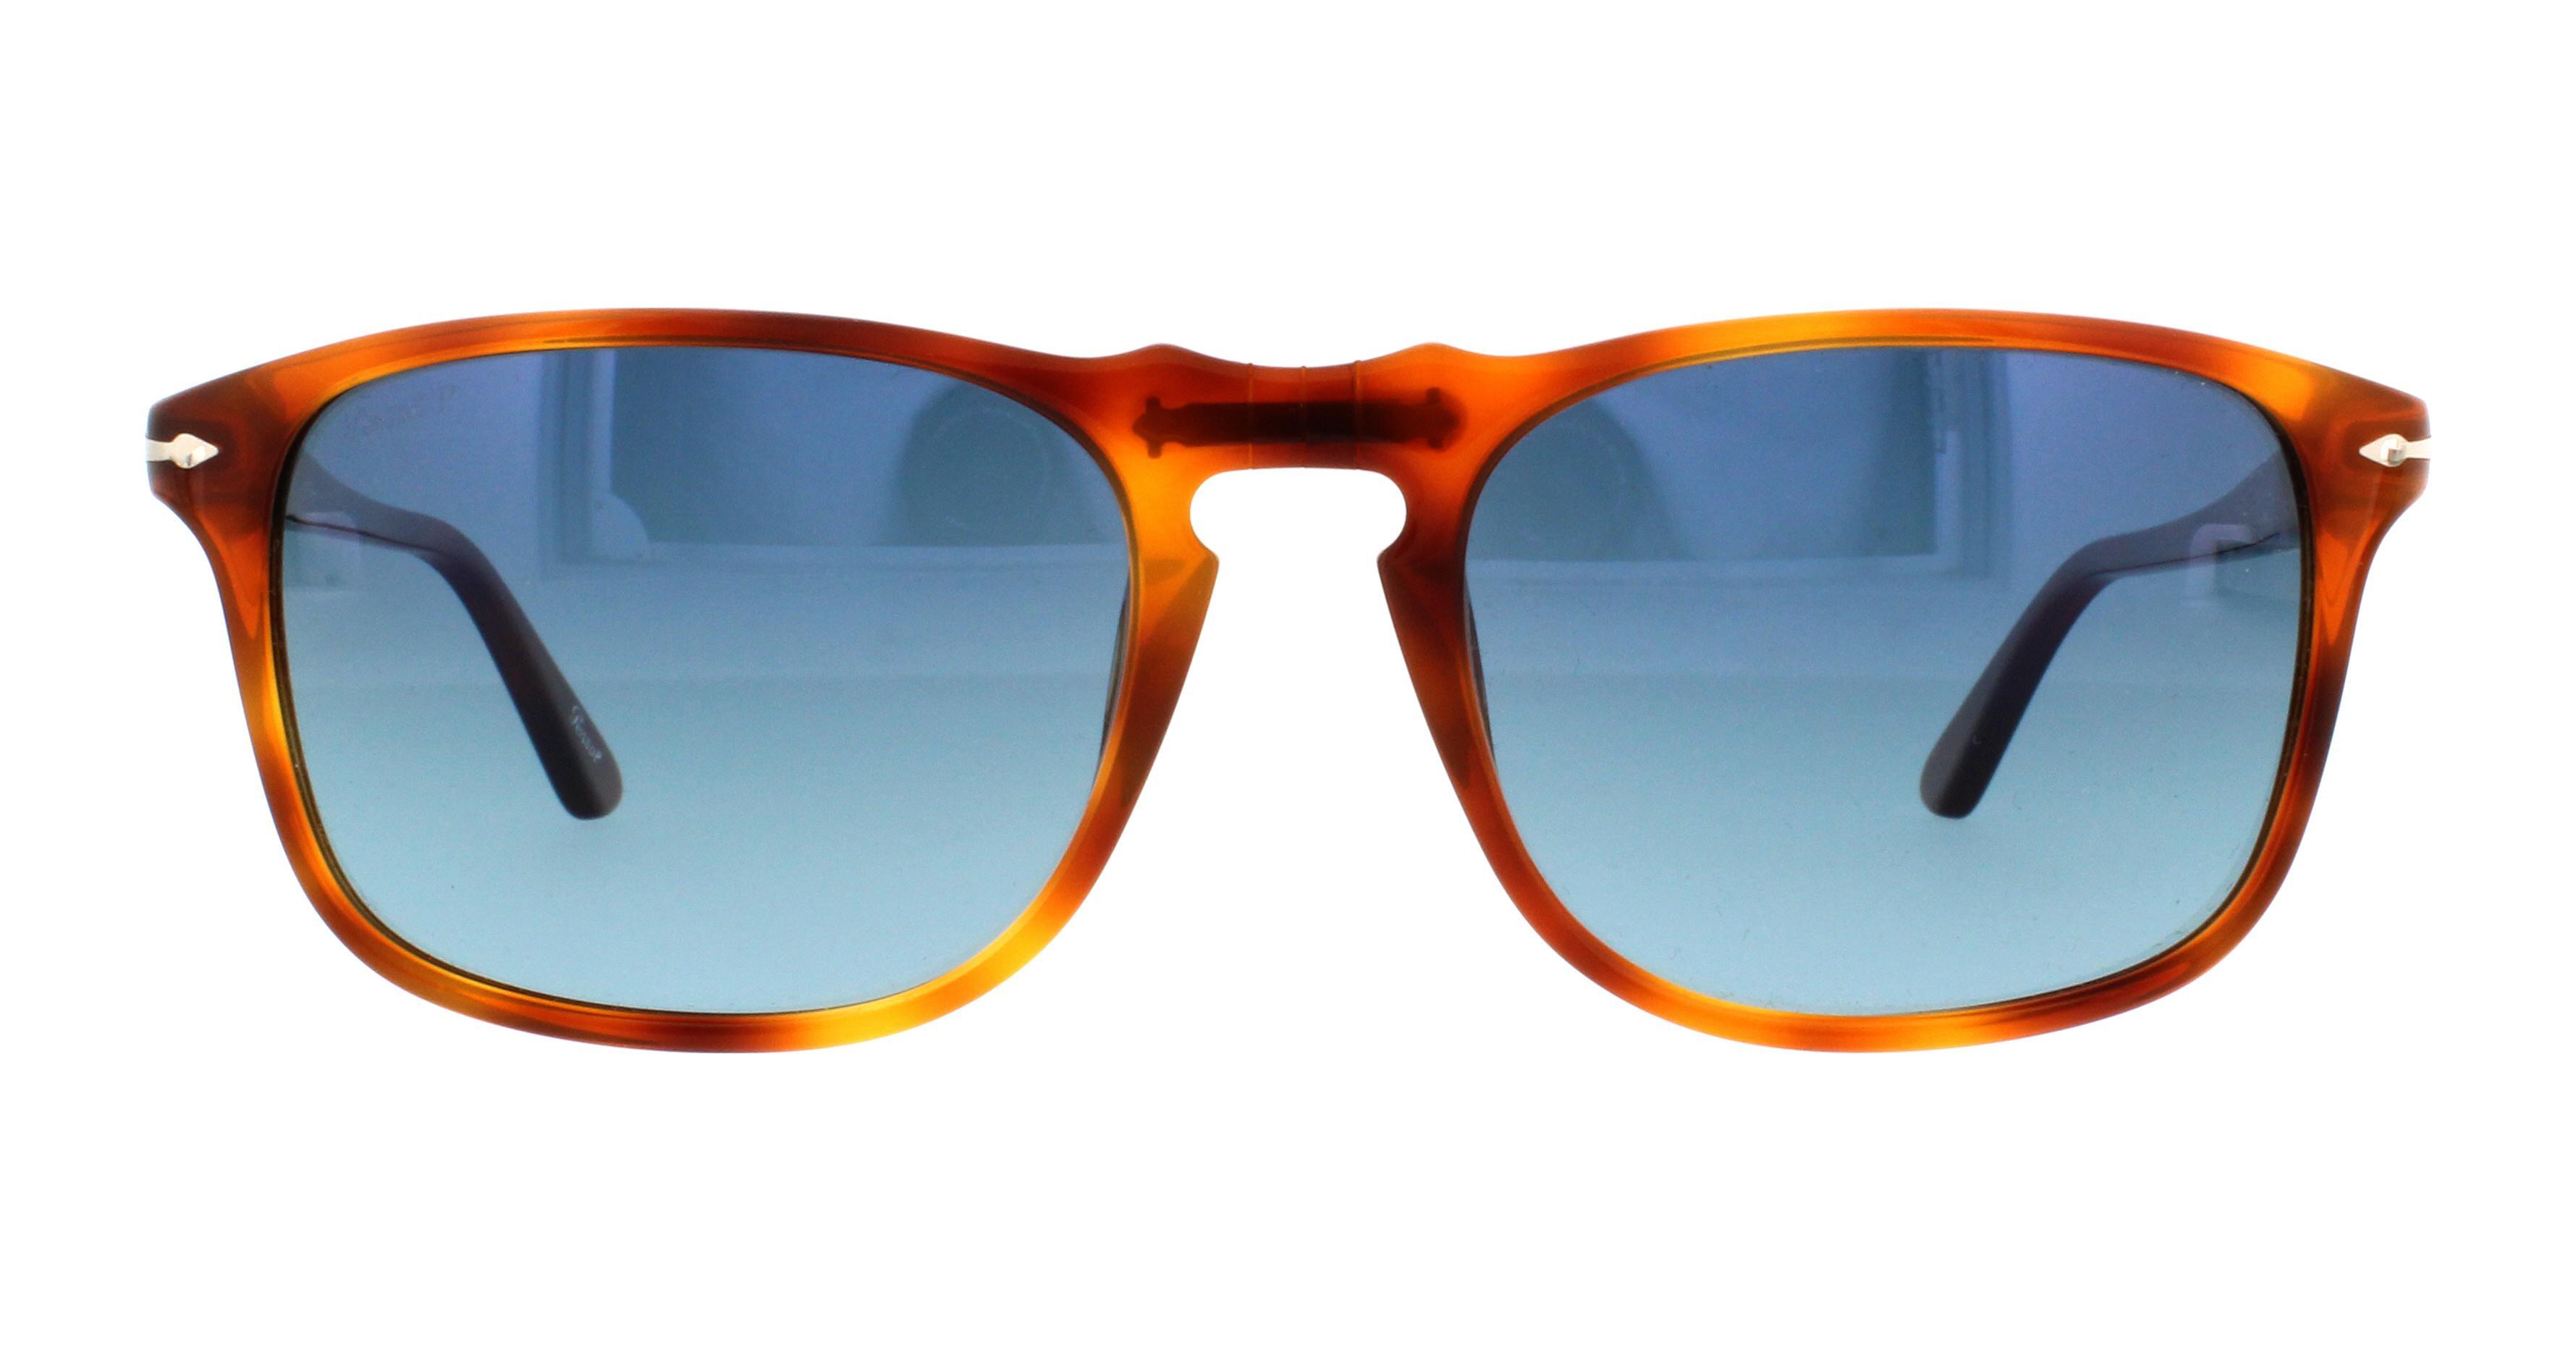 851708c248 PERSOL Sunglasses PO3059S 96 S3 Terra Di Siena 54MM